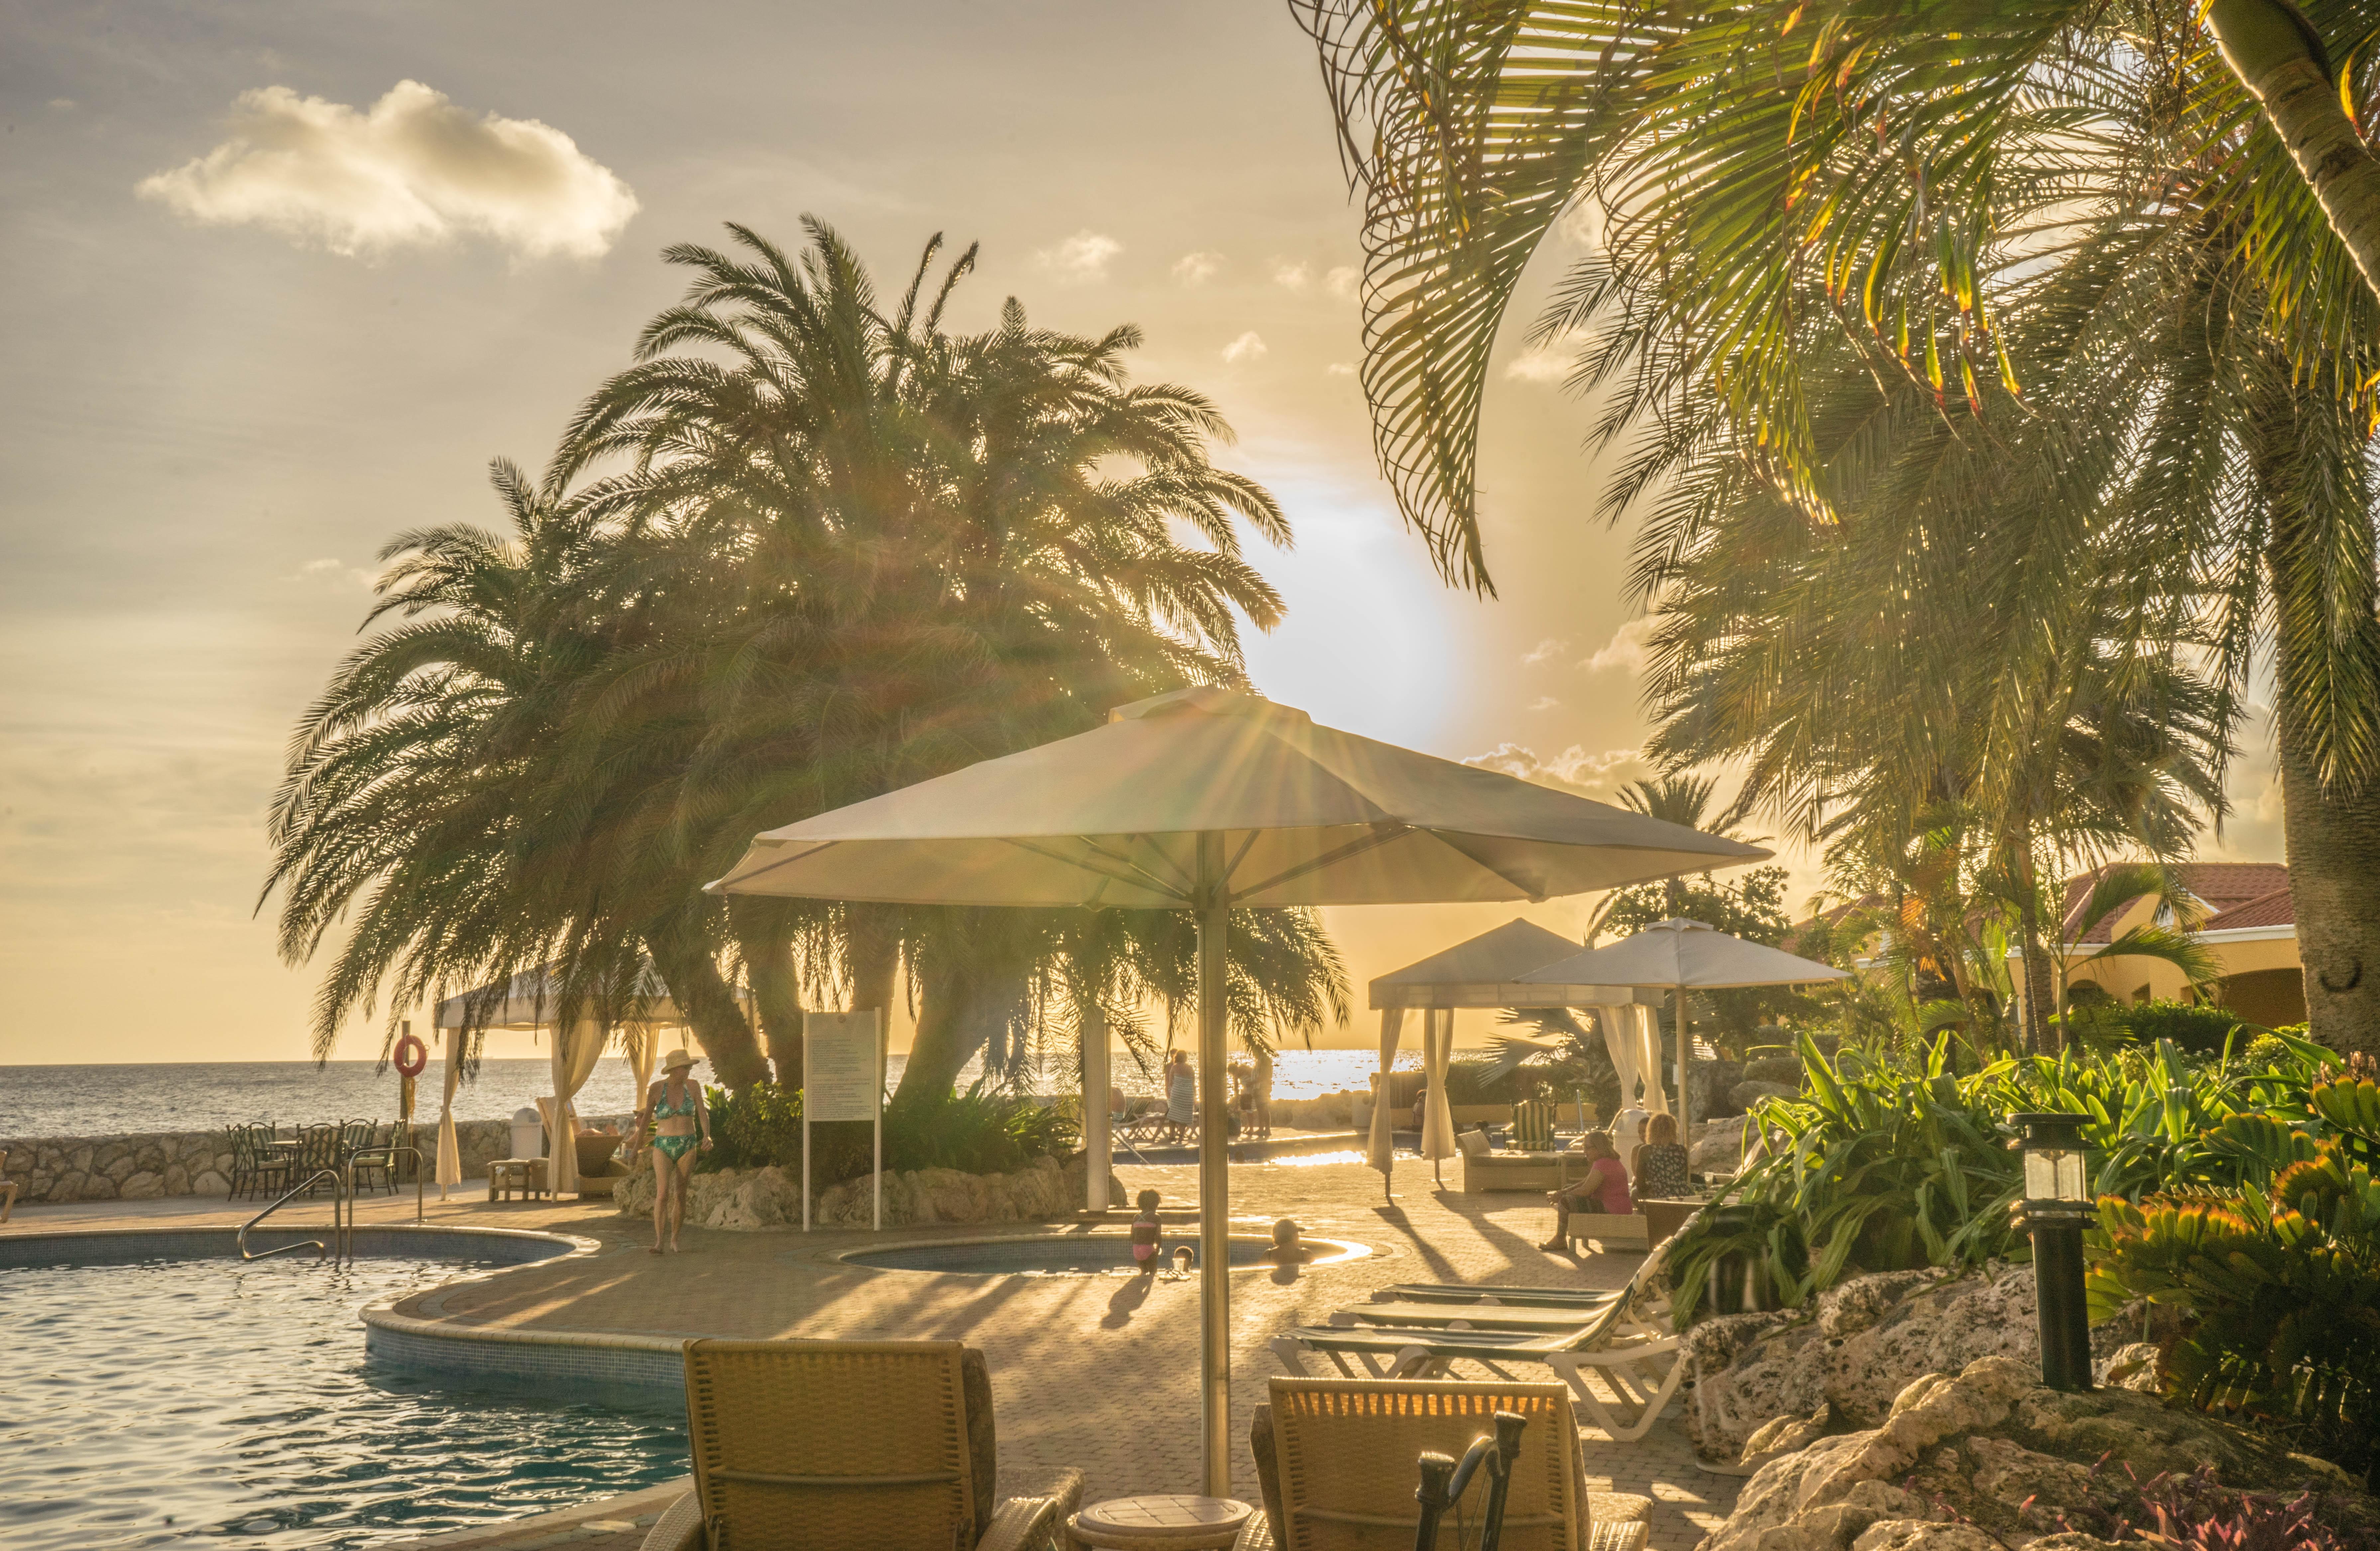 Sunset Cabana Beach Vacation Summer Relax